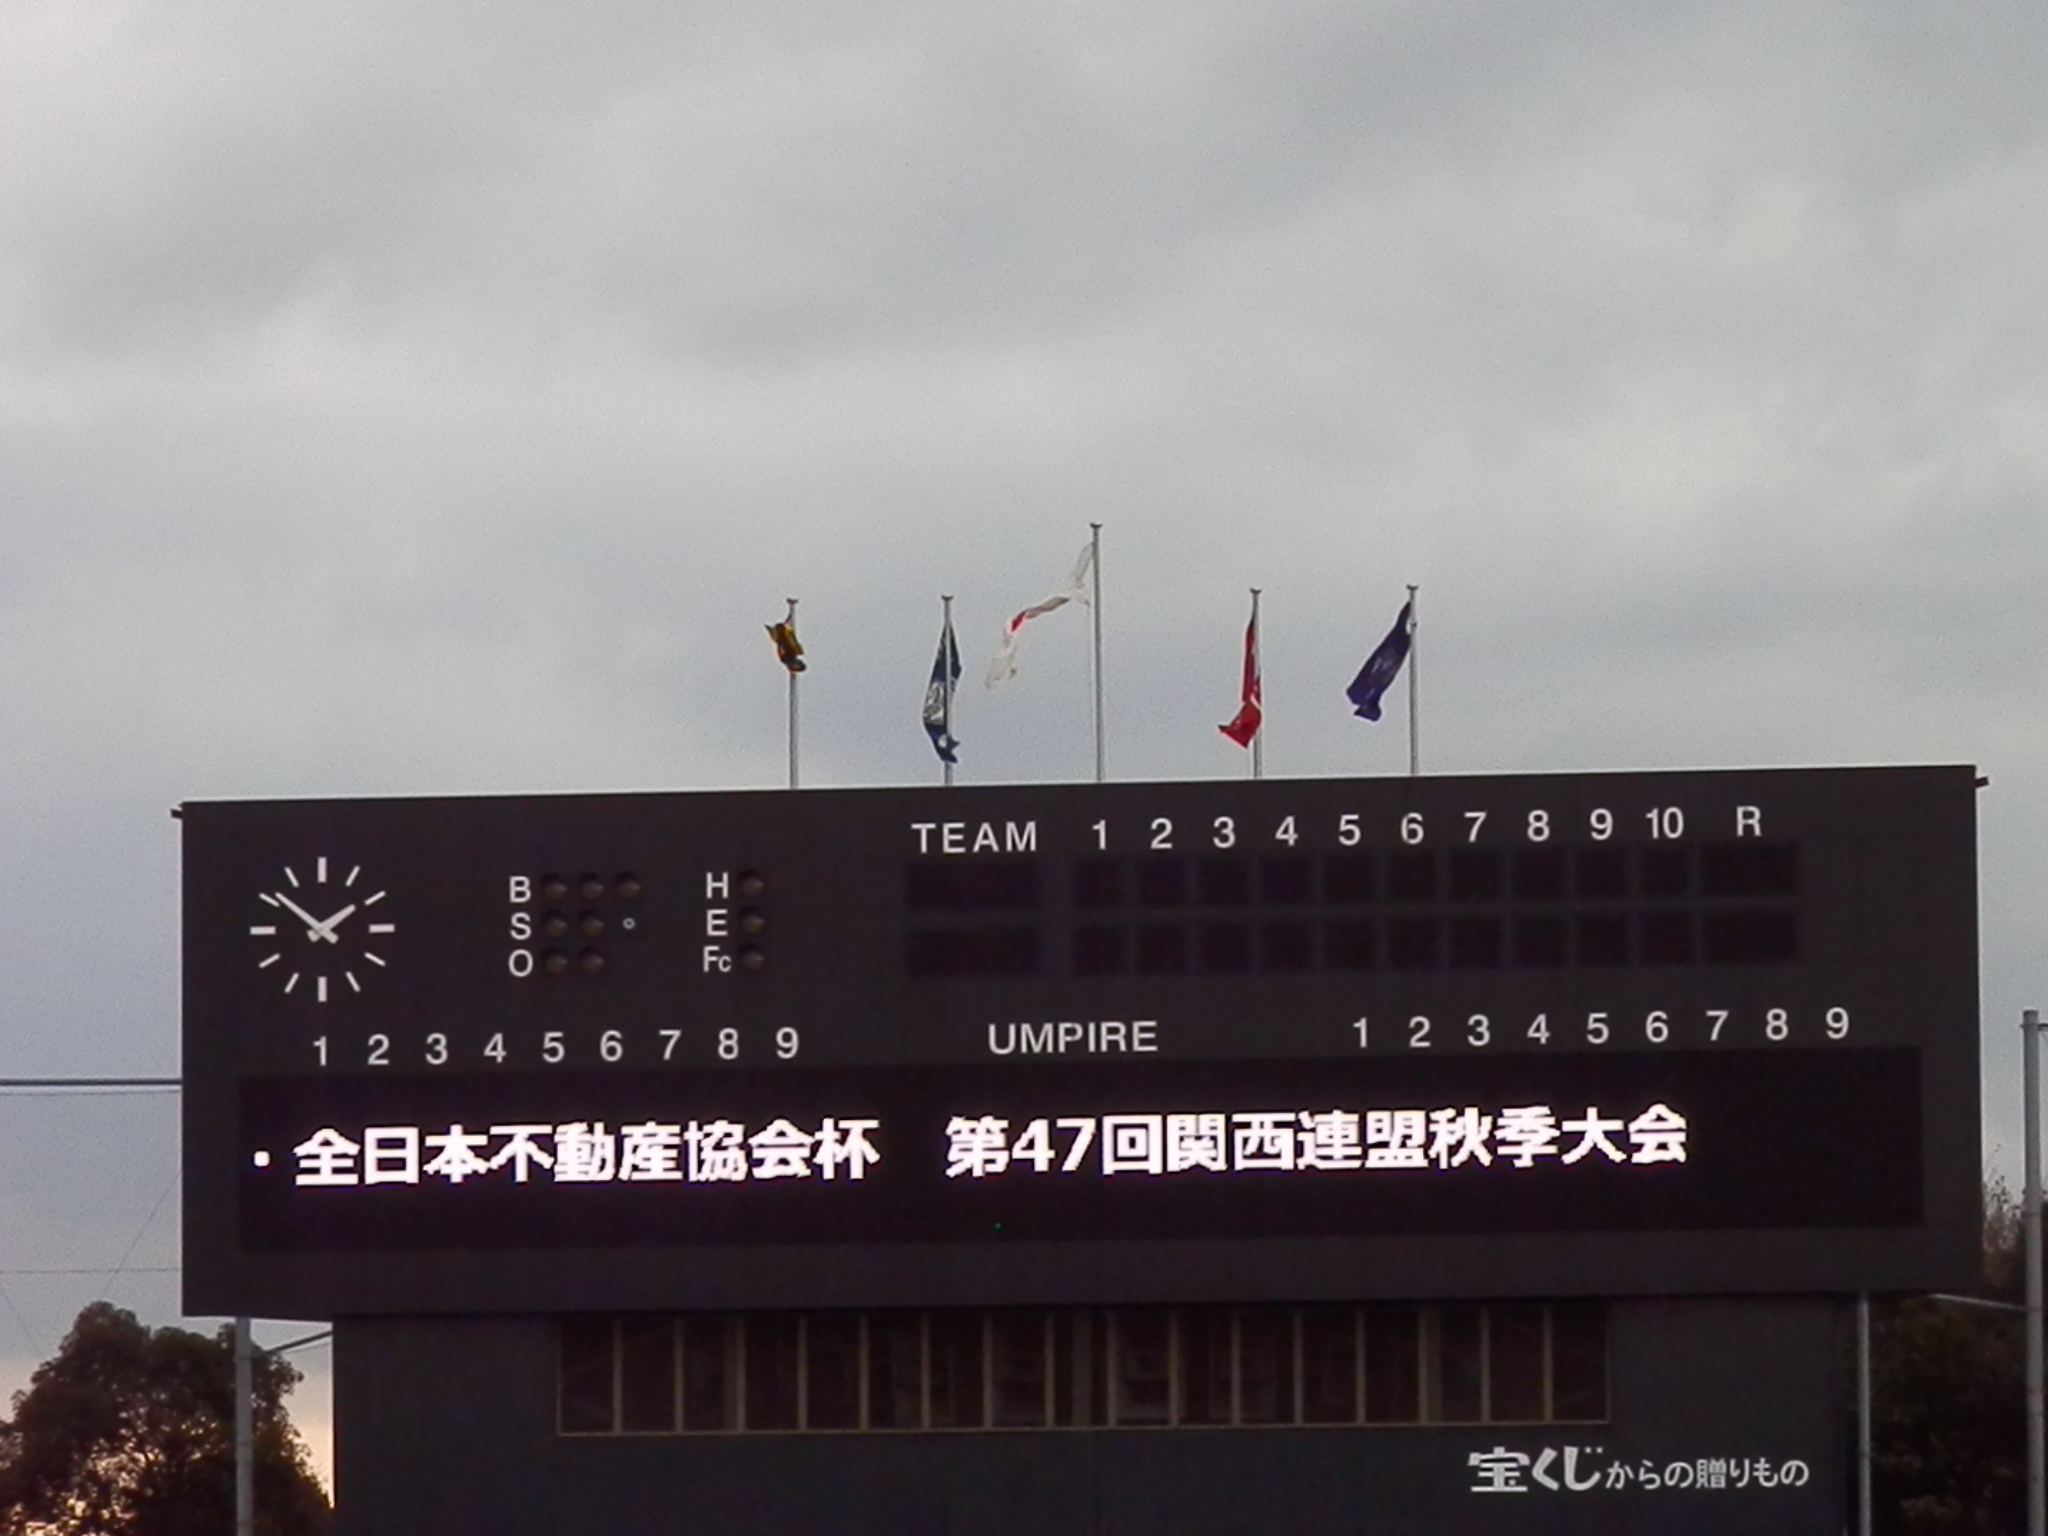 関西 連盟